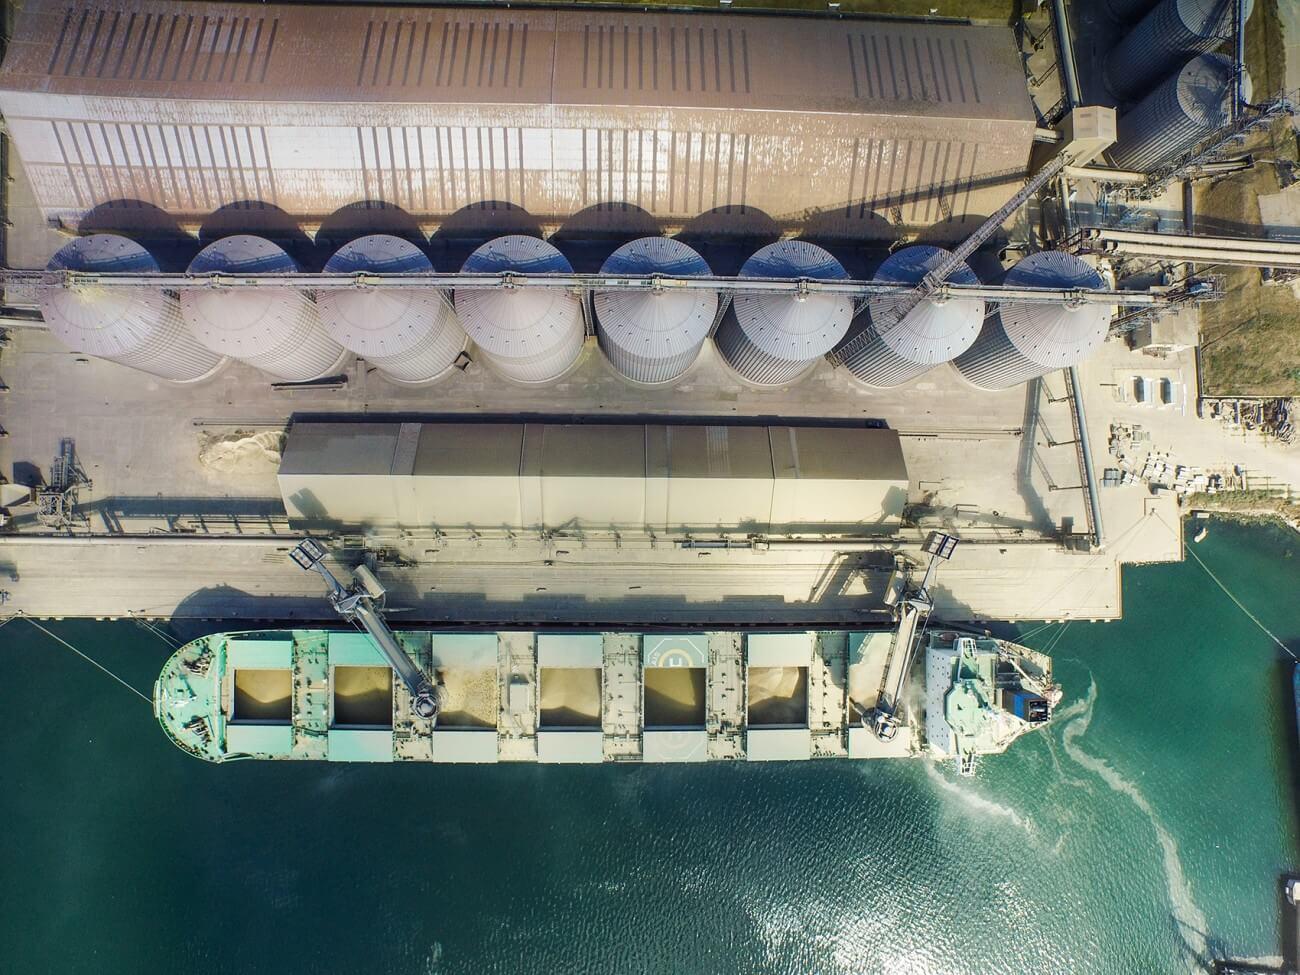 В текущем году перевалка зерна в морпортах Украины вырастет на 1 миллион тонн